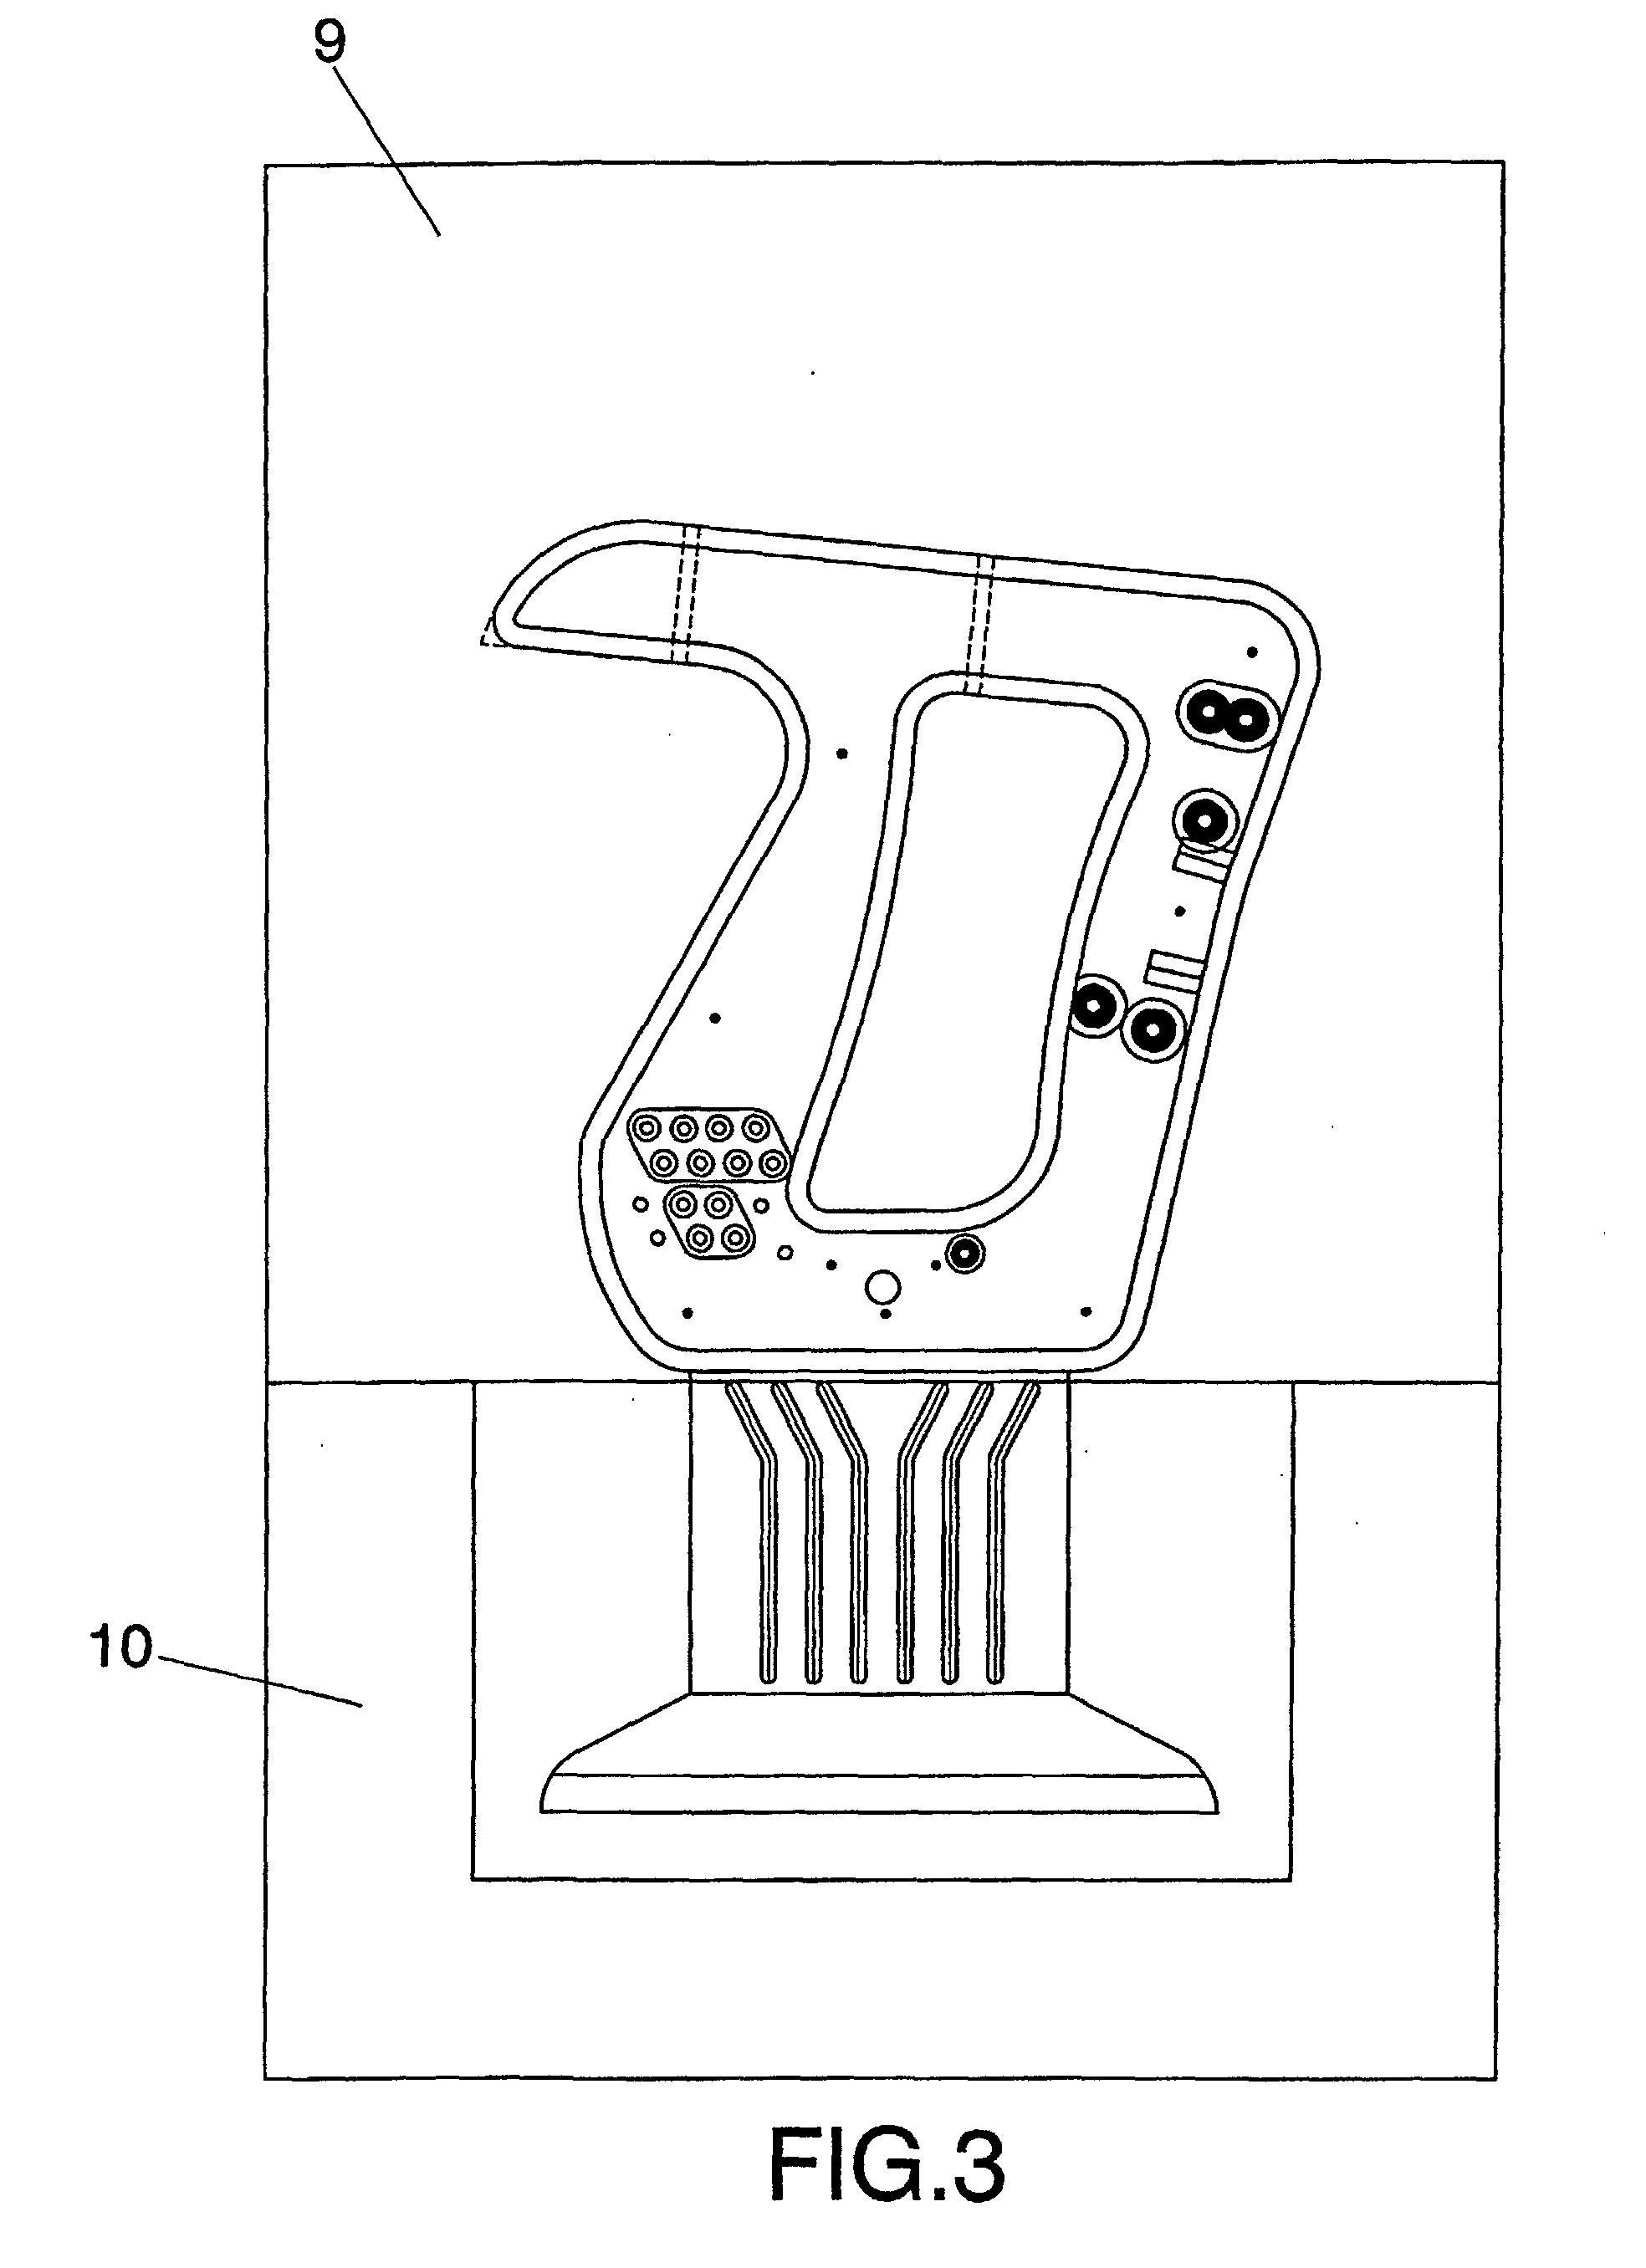 kubota tractor b3030 wiring diagrams kubota b3200 wiring